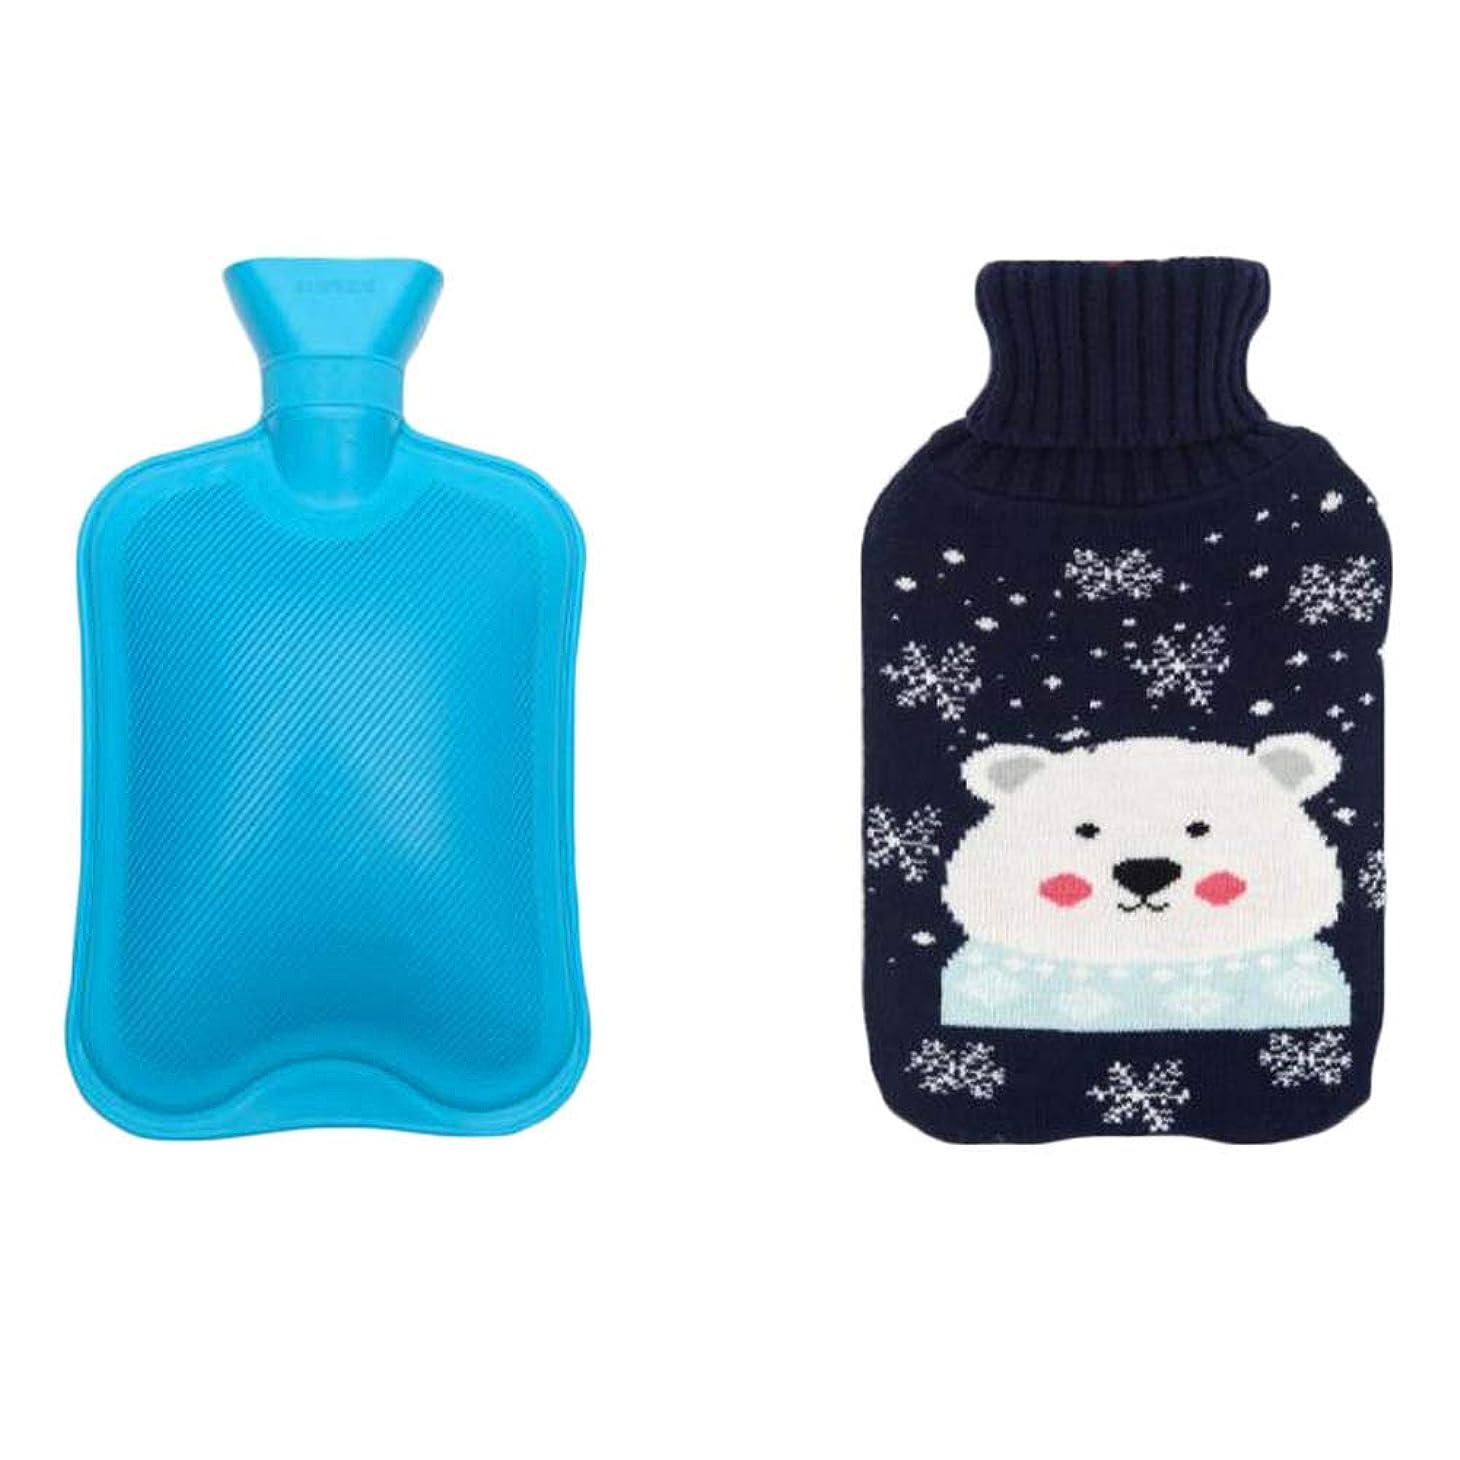 有効化オアシス与える1リットルの温水ボトルラブリークマのデザイン